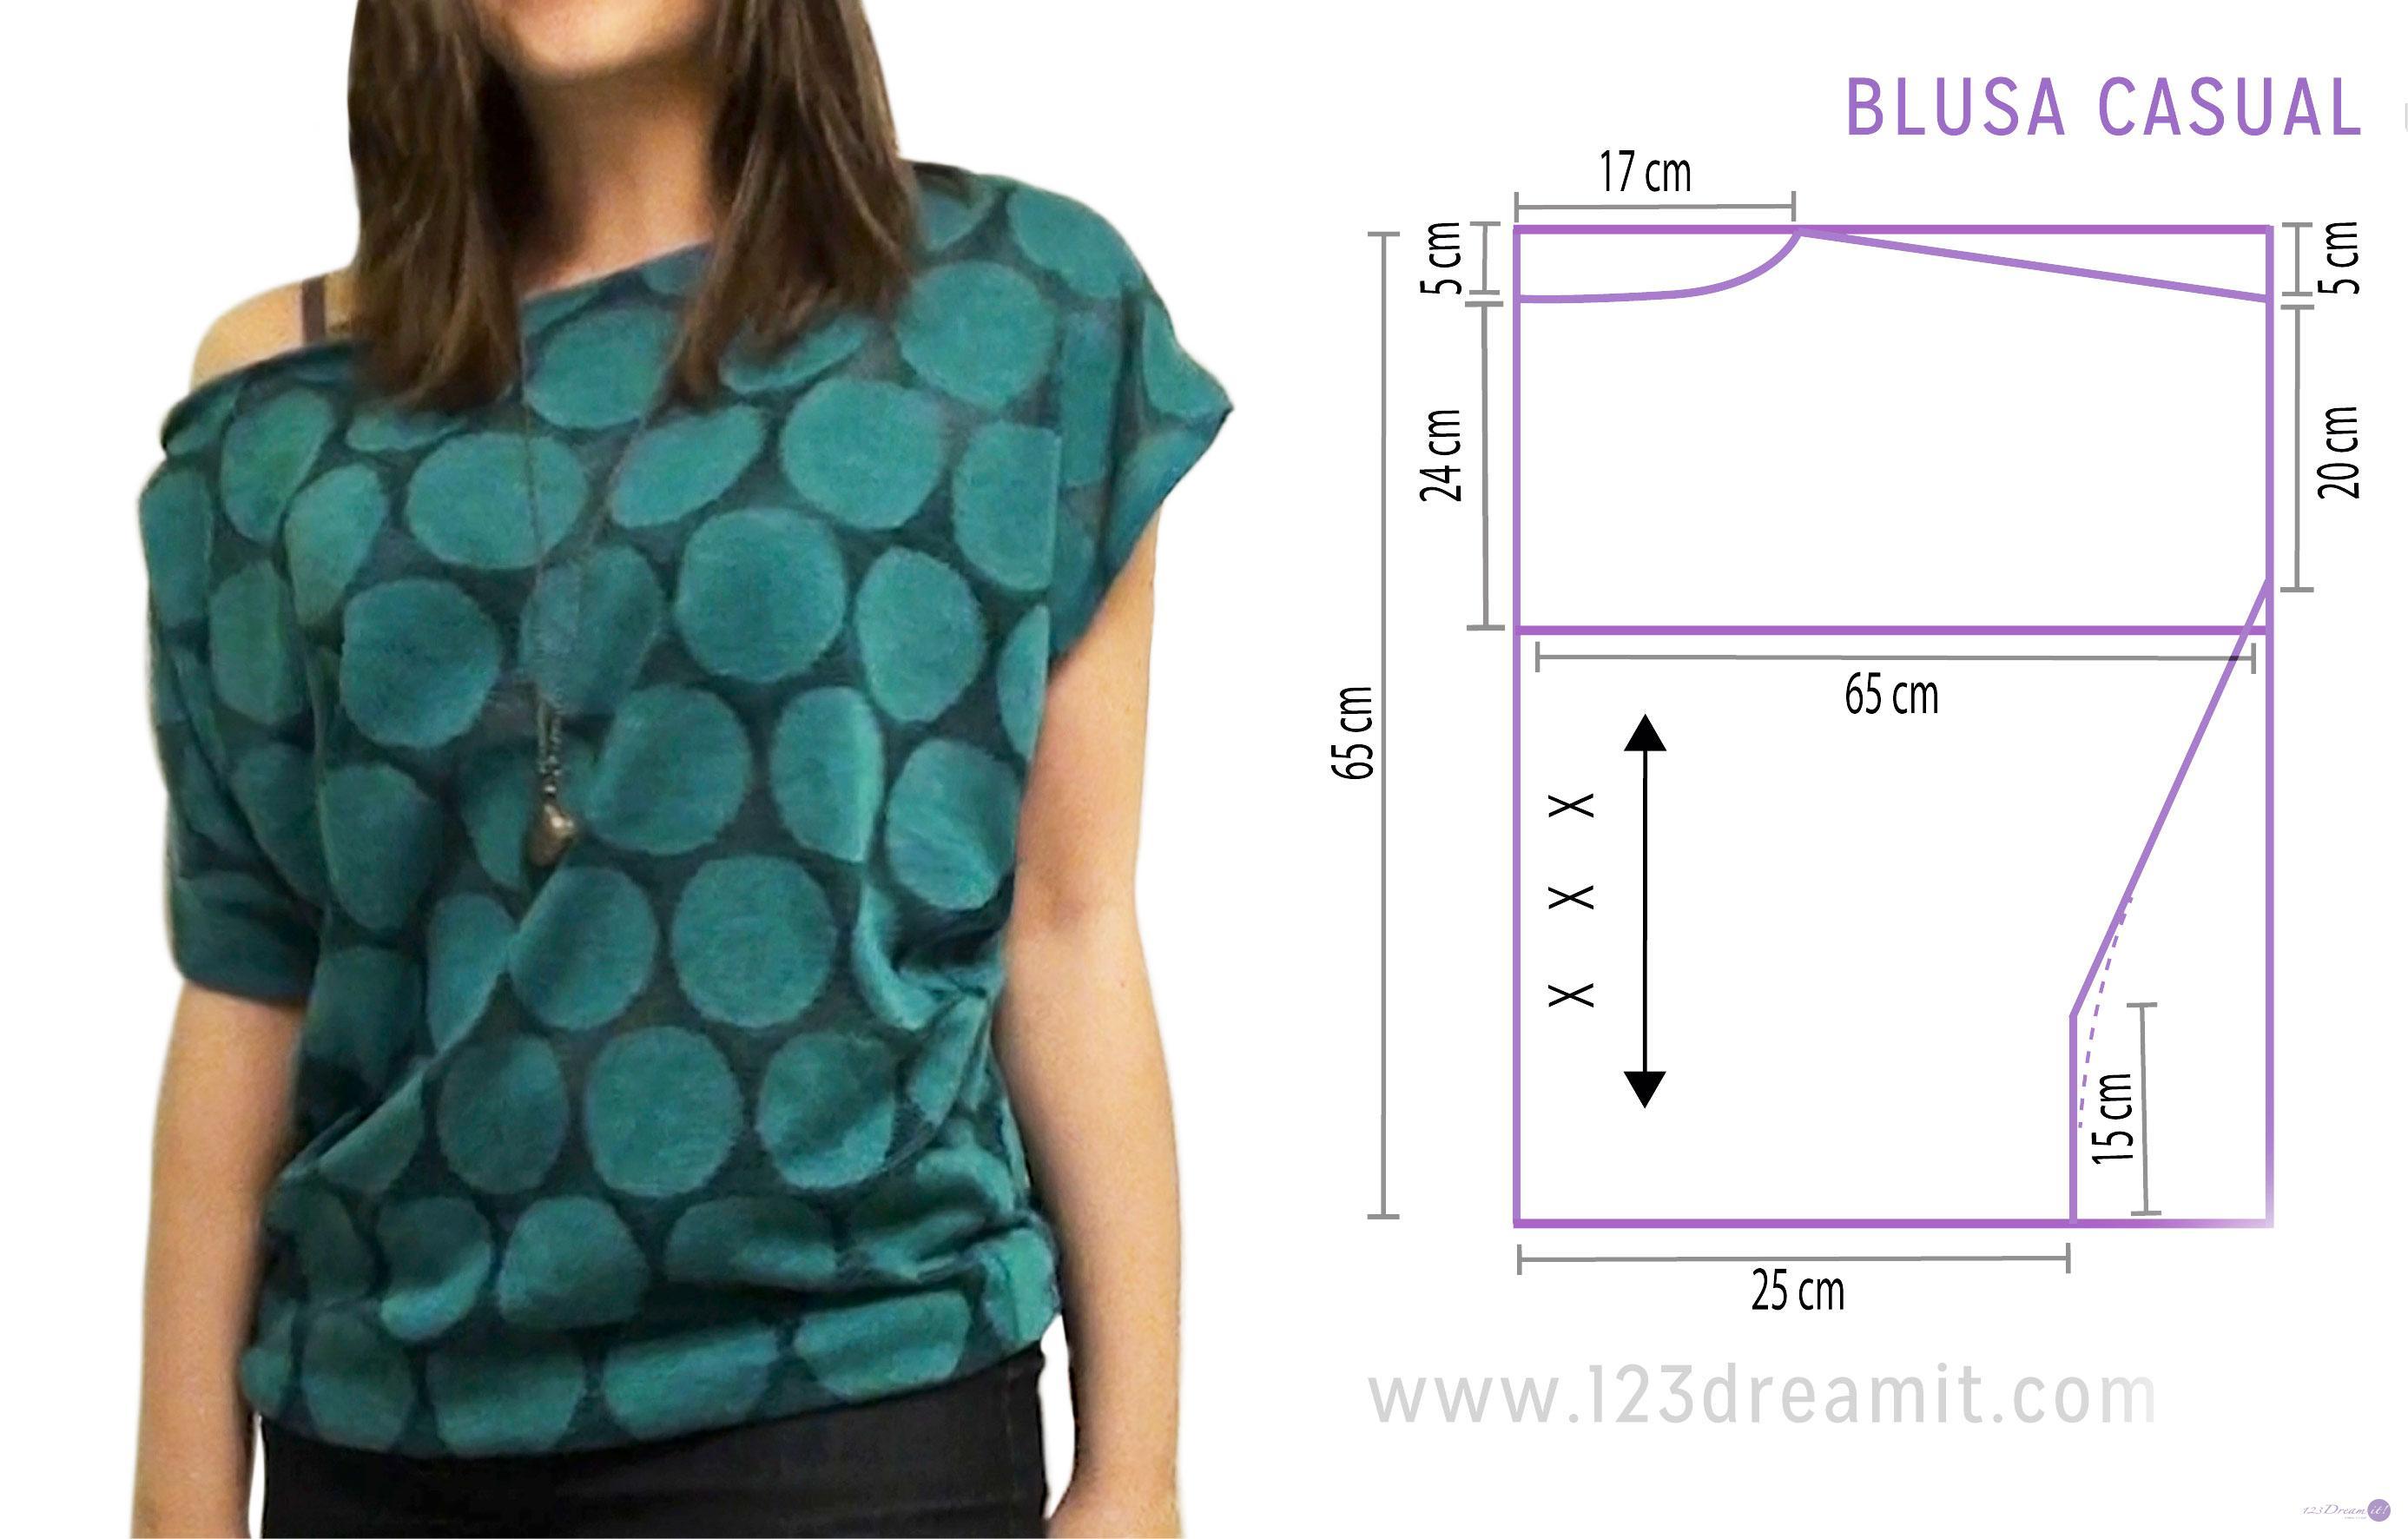 как сшить свободную блузку пошагово с фото картинках изображены различные